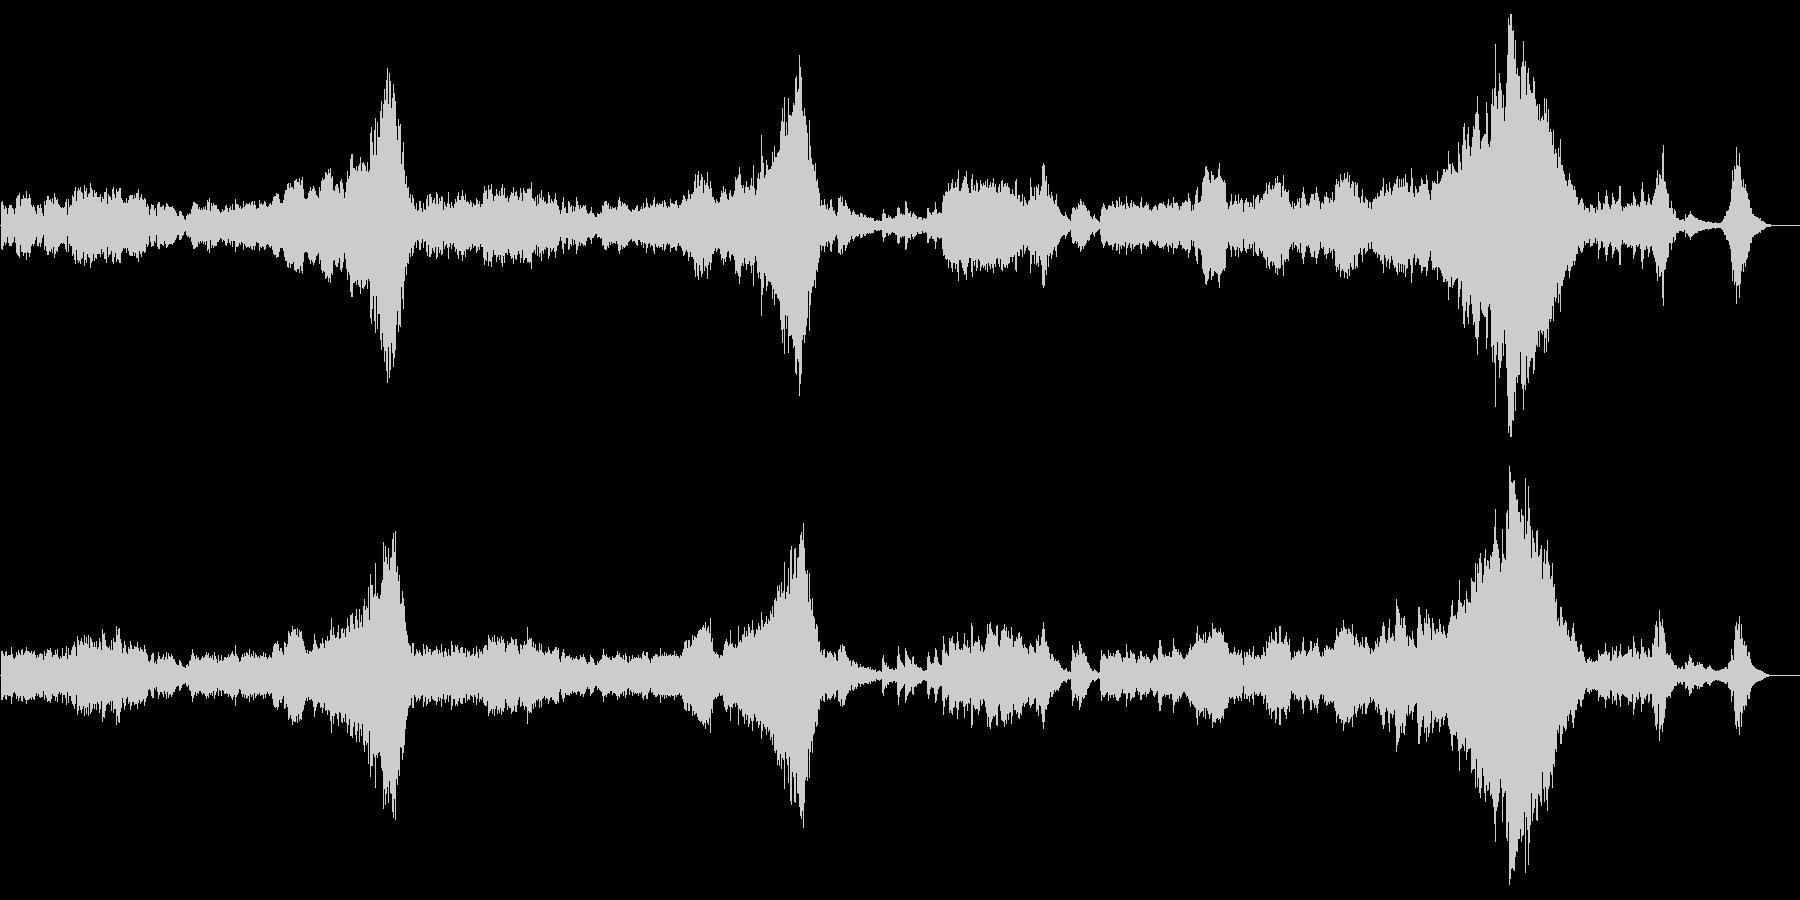 「クープランの墓」から 『序曲』の未再生の波形